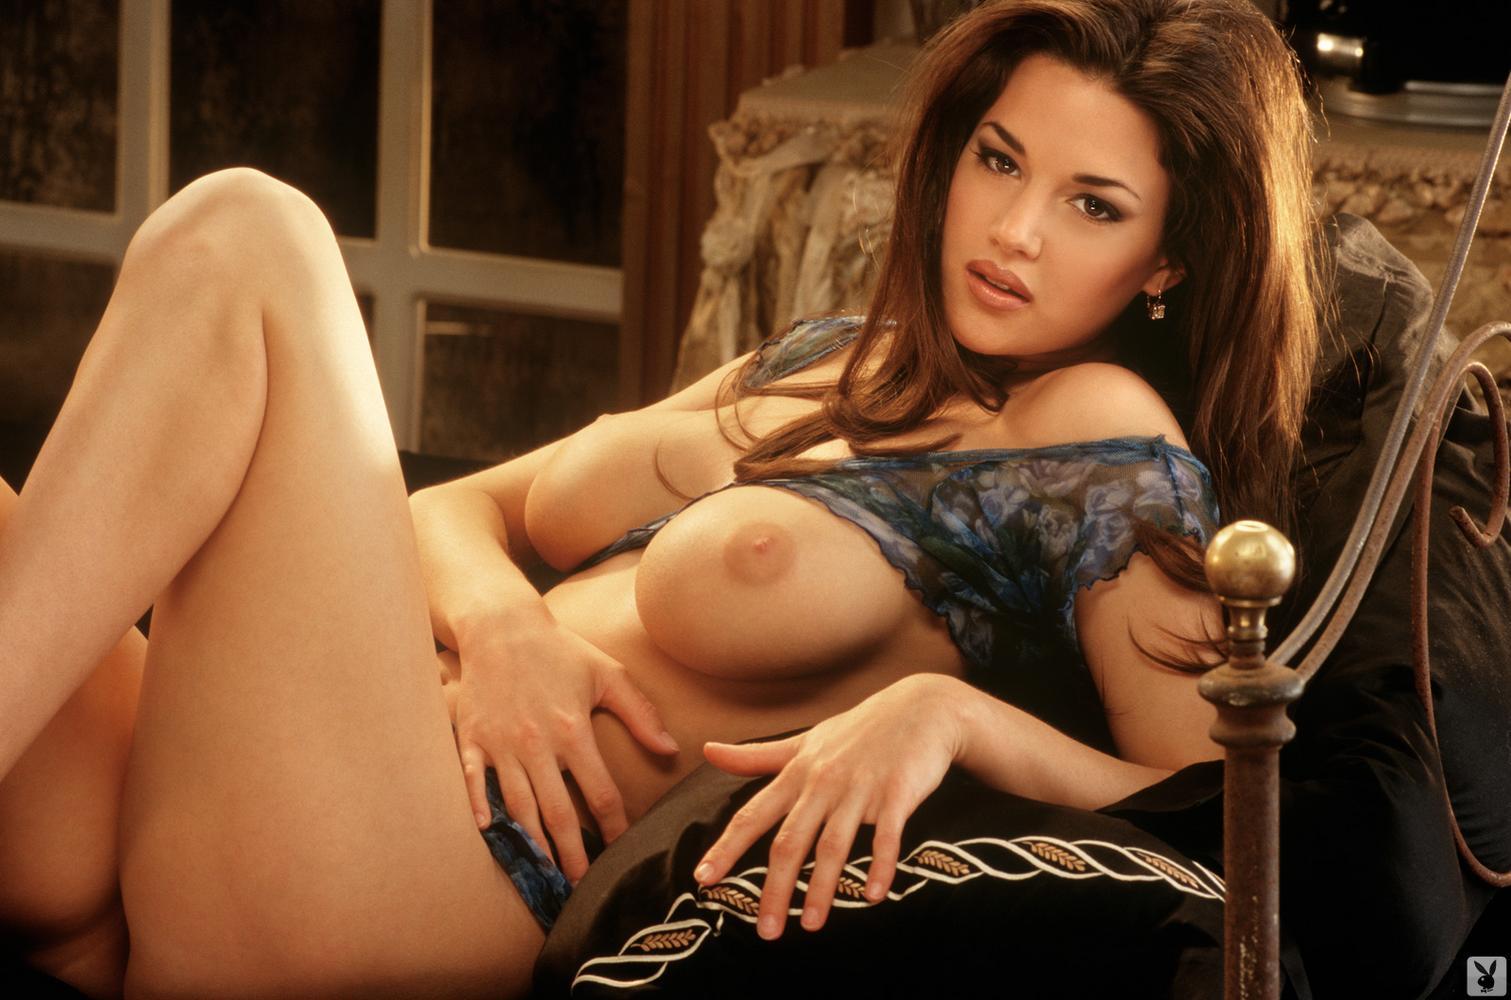 Fotos de chicas desnudas de Playboy